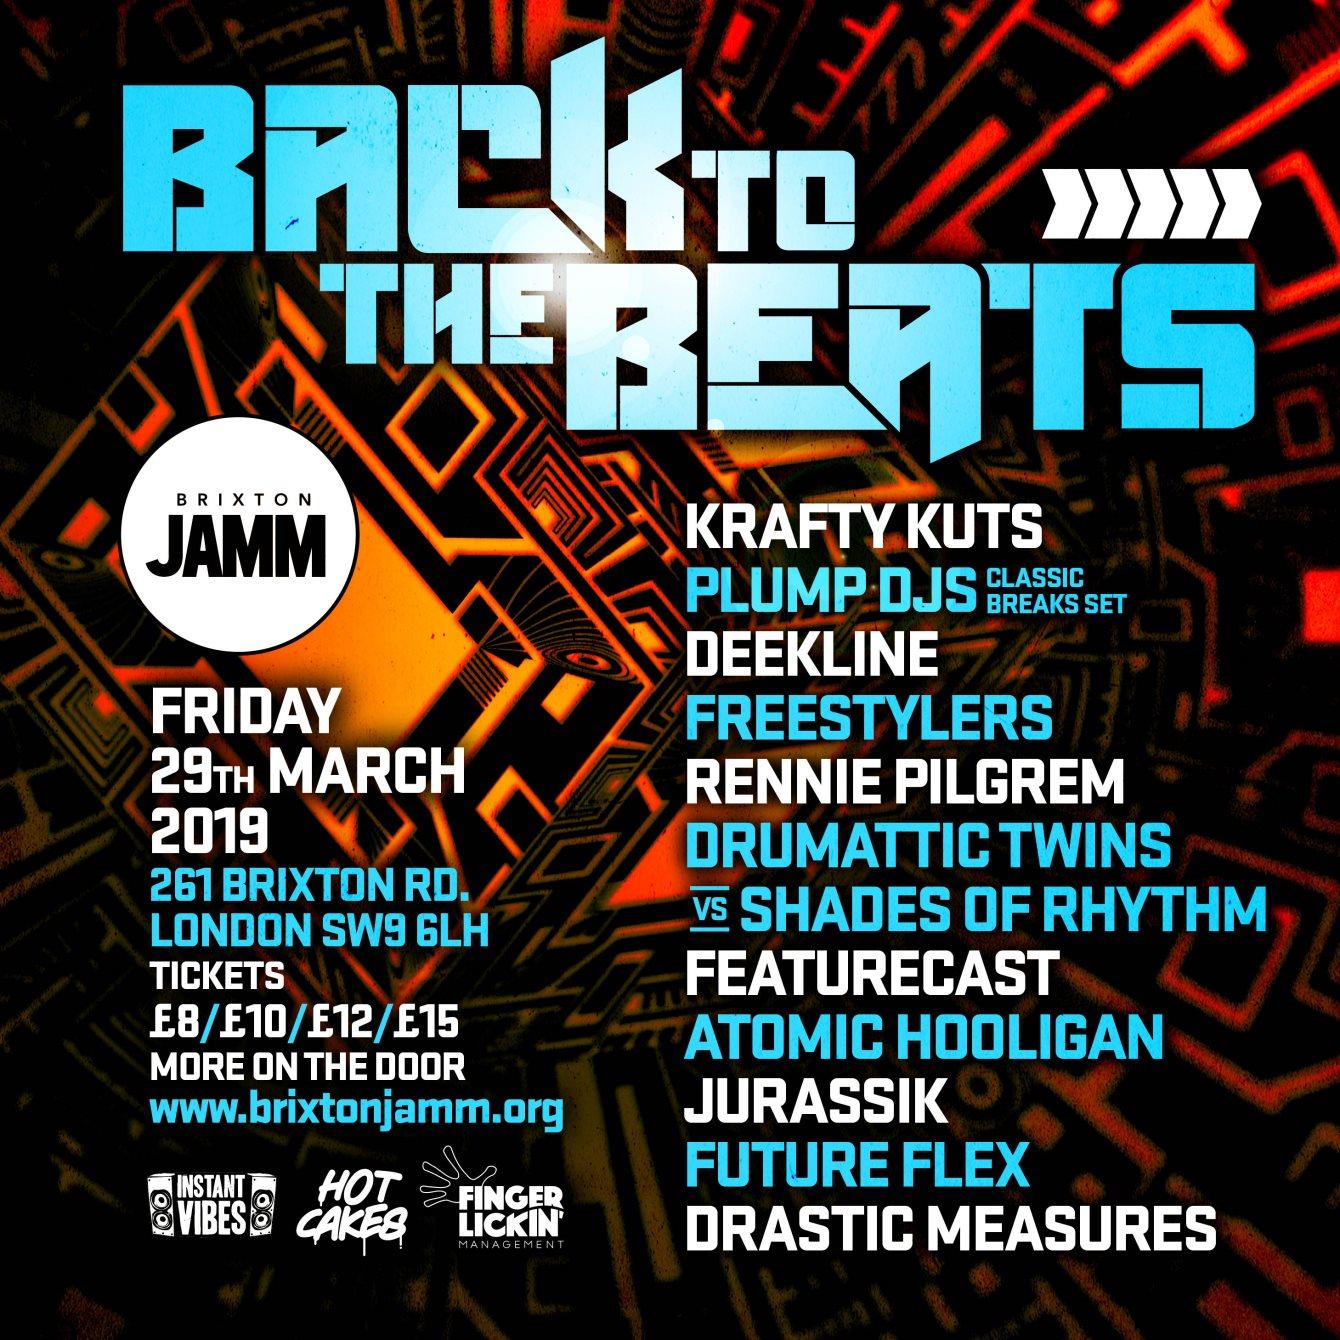 Back To The Beats: Krafty Kuts, Plump DJs, Deekline, Freestylers - Flyer front